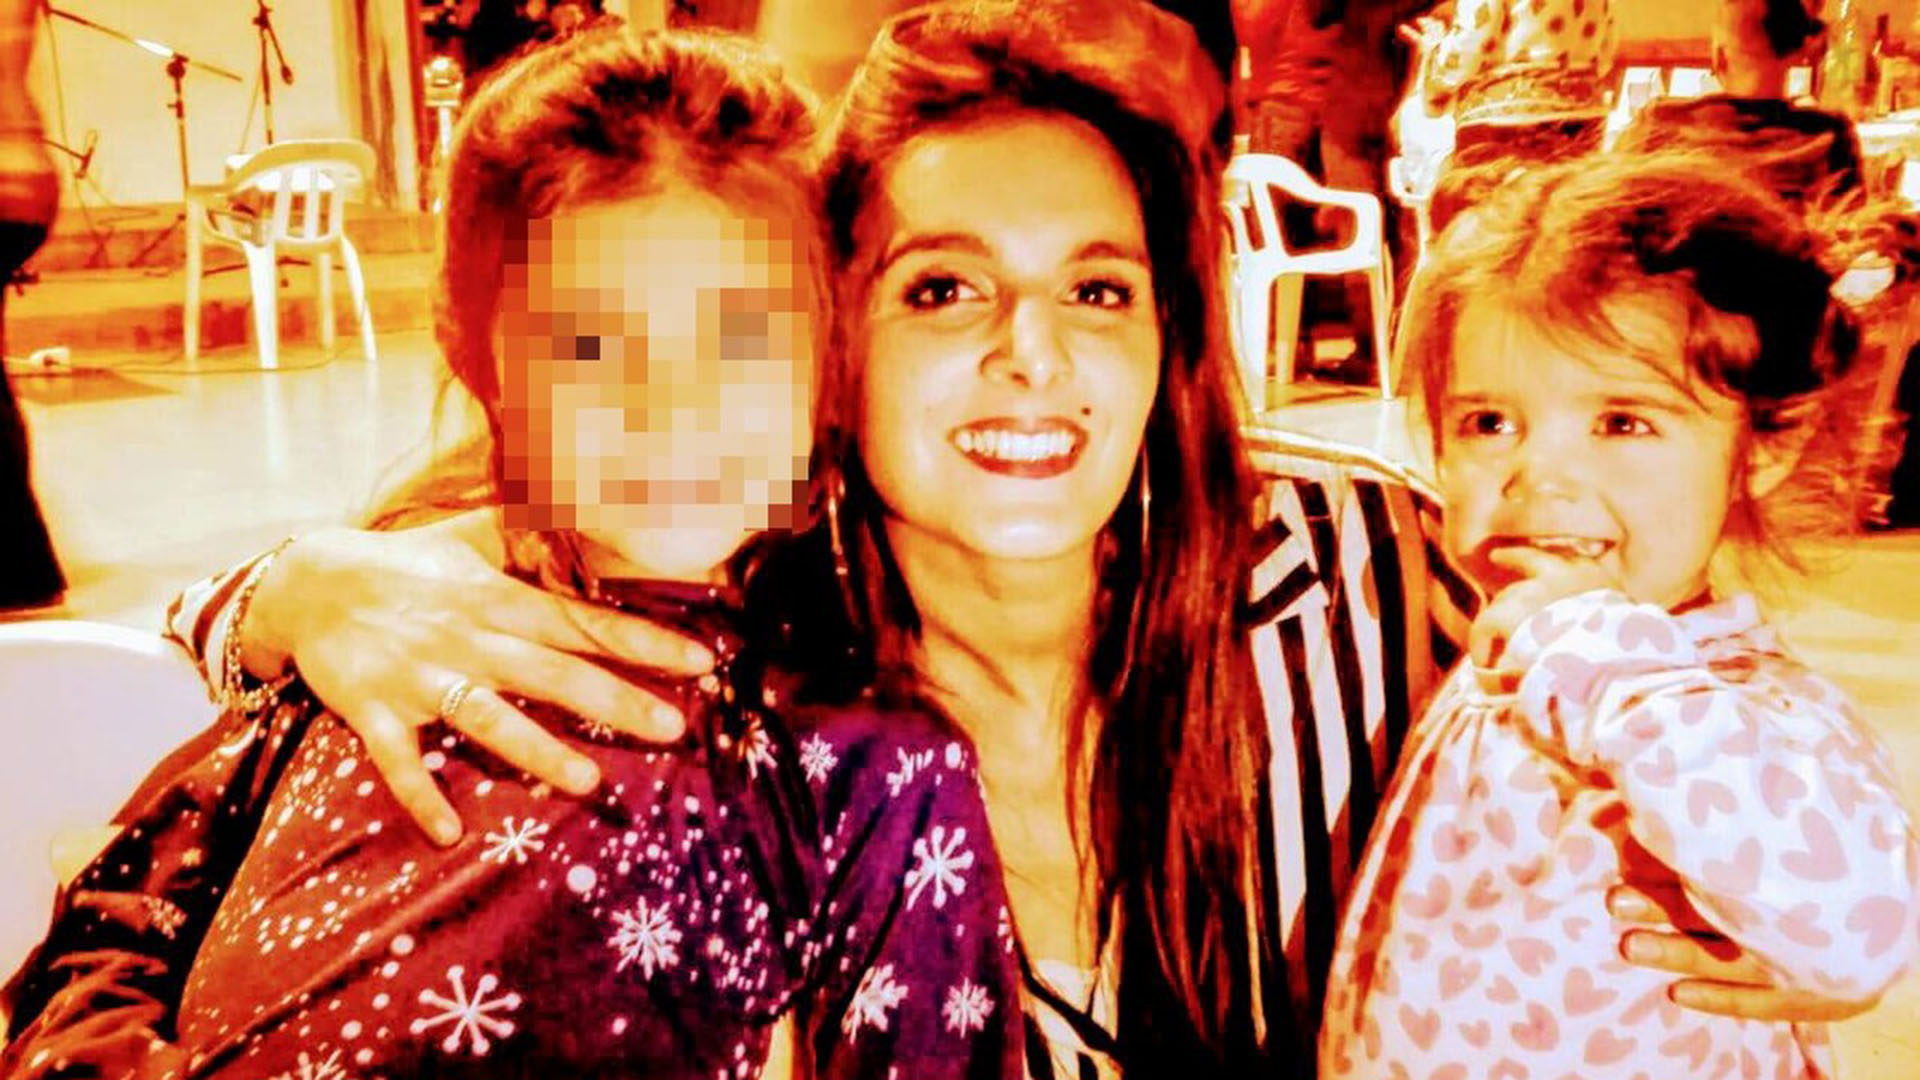 Agustina Ferro tenía 35 años; India, su hija, 3 recién cumplidos